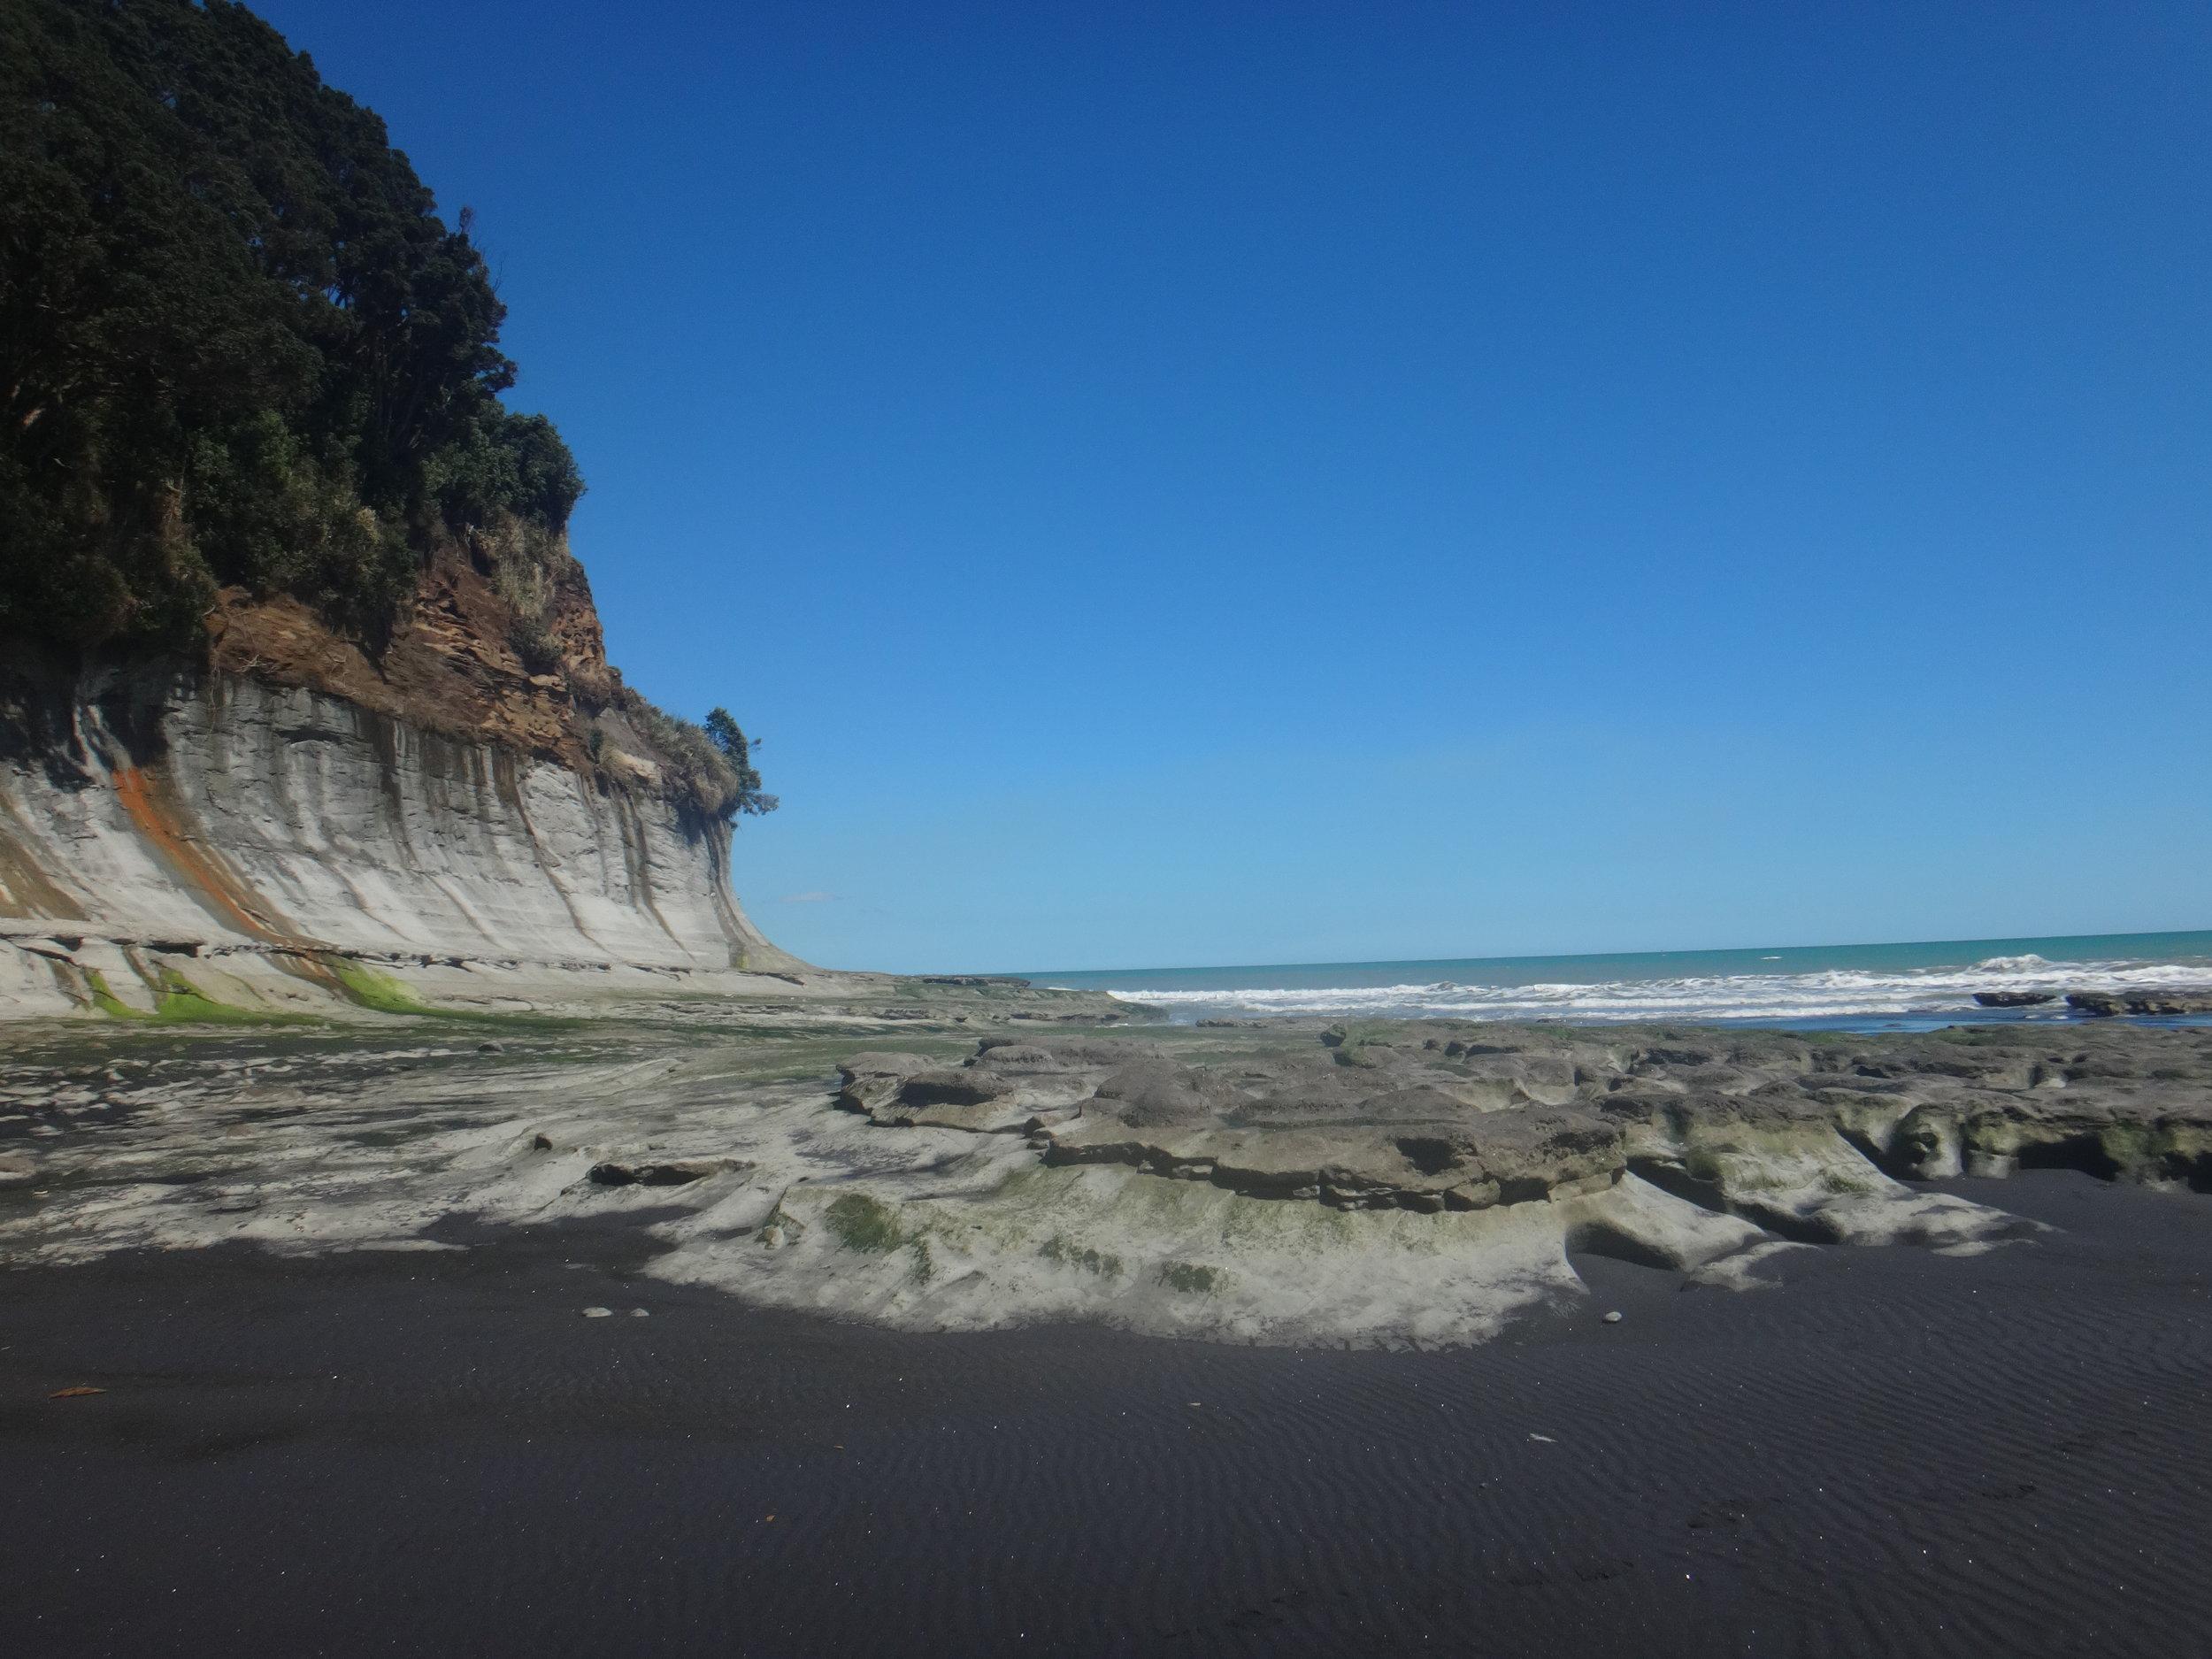 The cliffs.